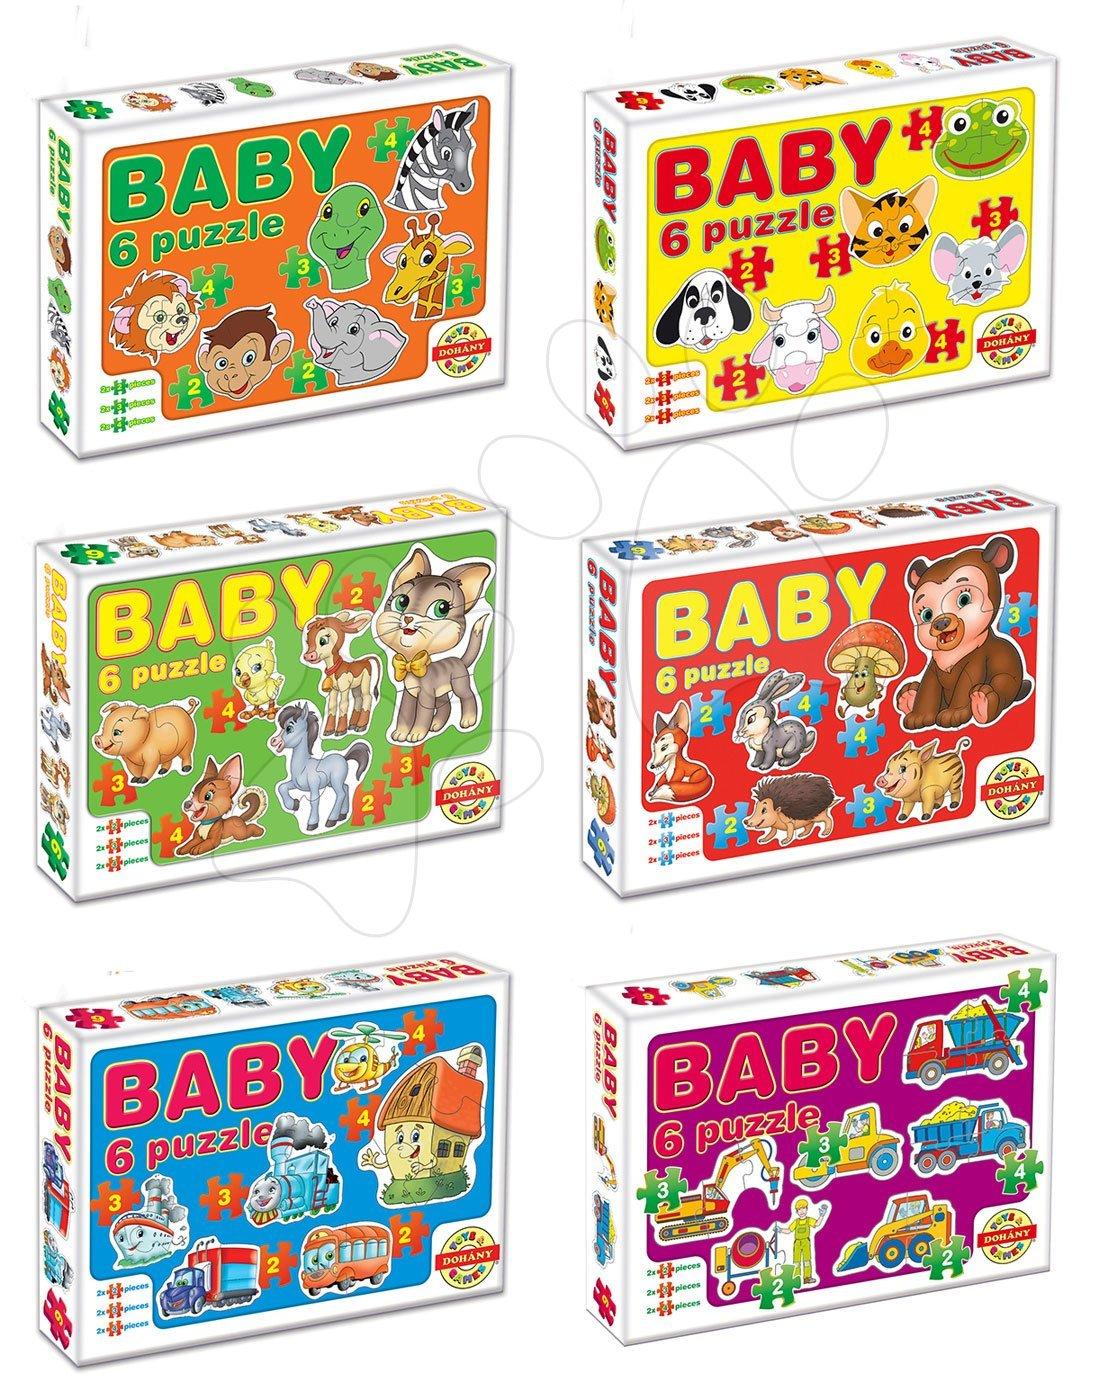 Puzzle pro nejmenší - Baby puzzle Zvířátka a dopravní prostředky Dohány 6obrázkové od 24 měsíců